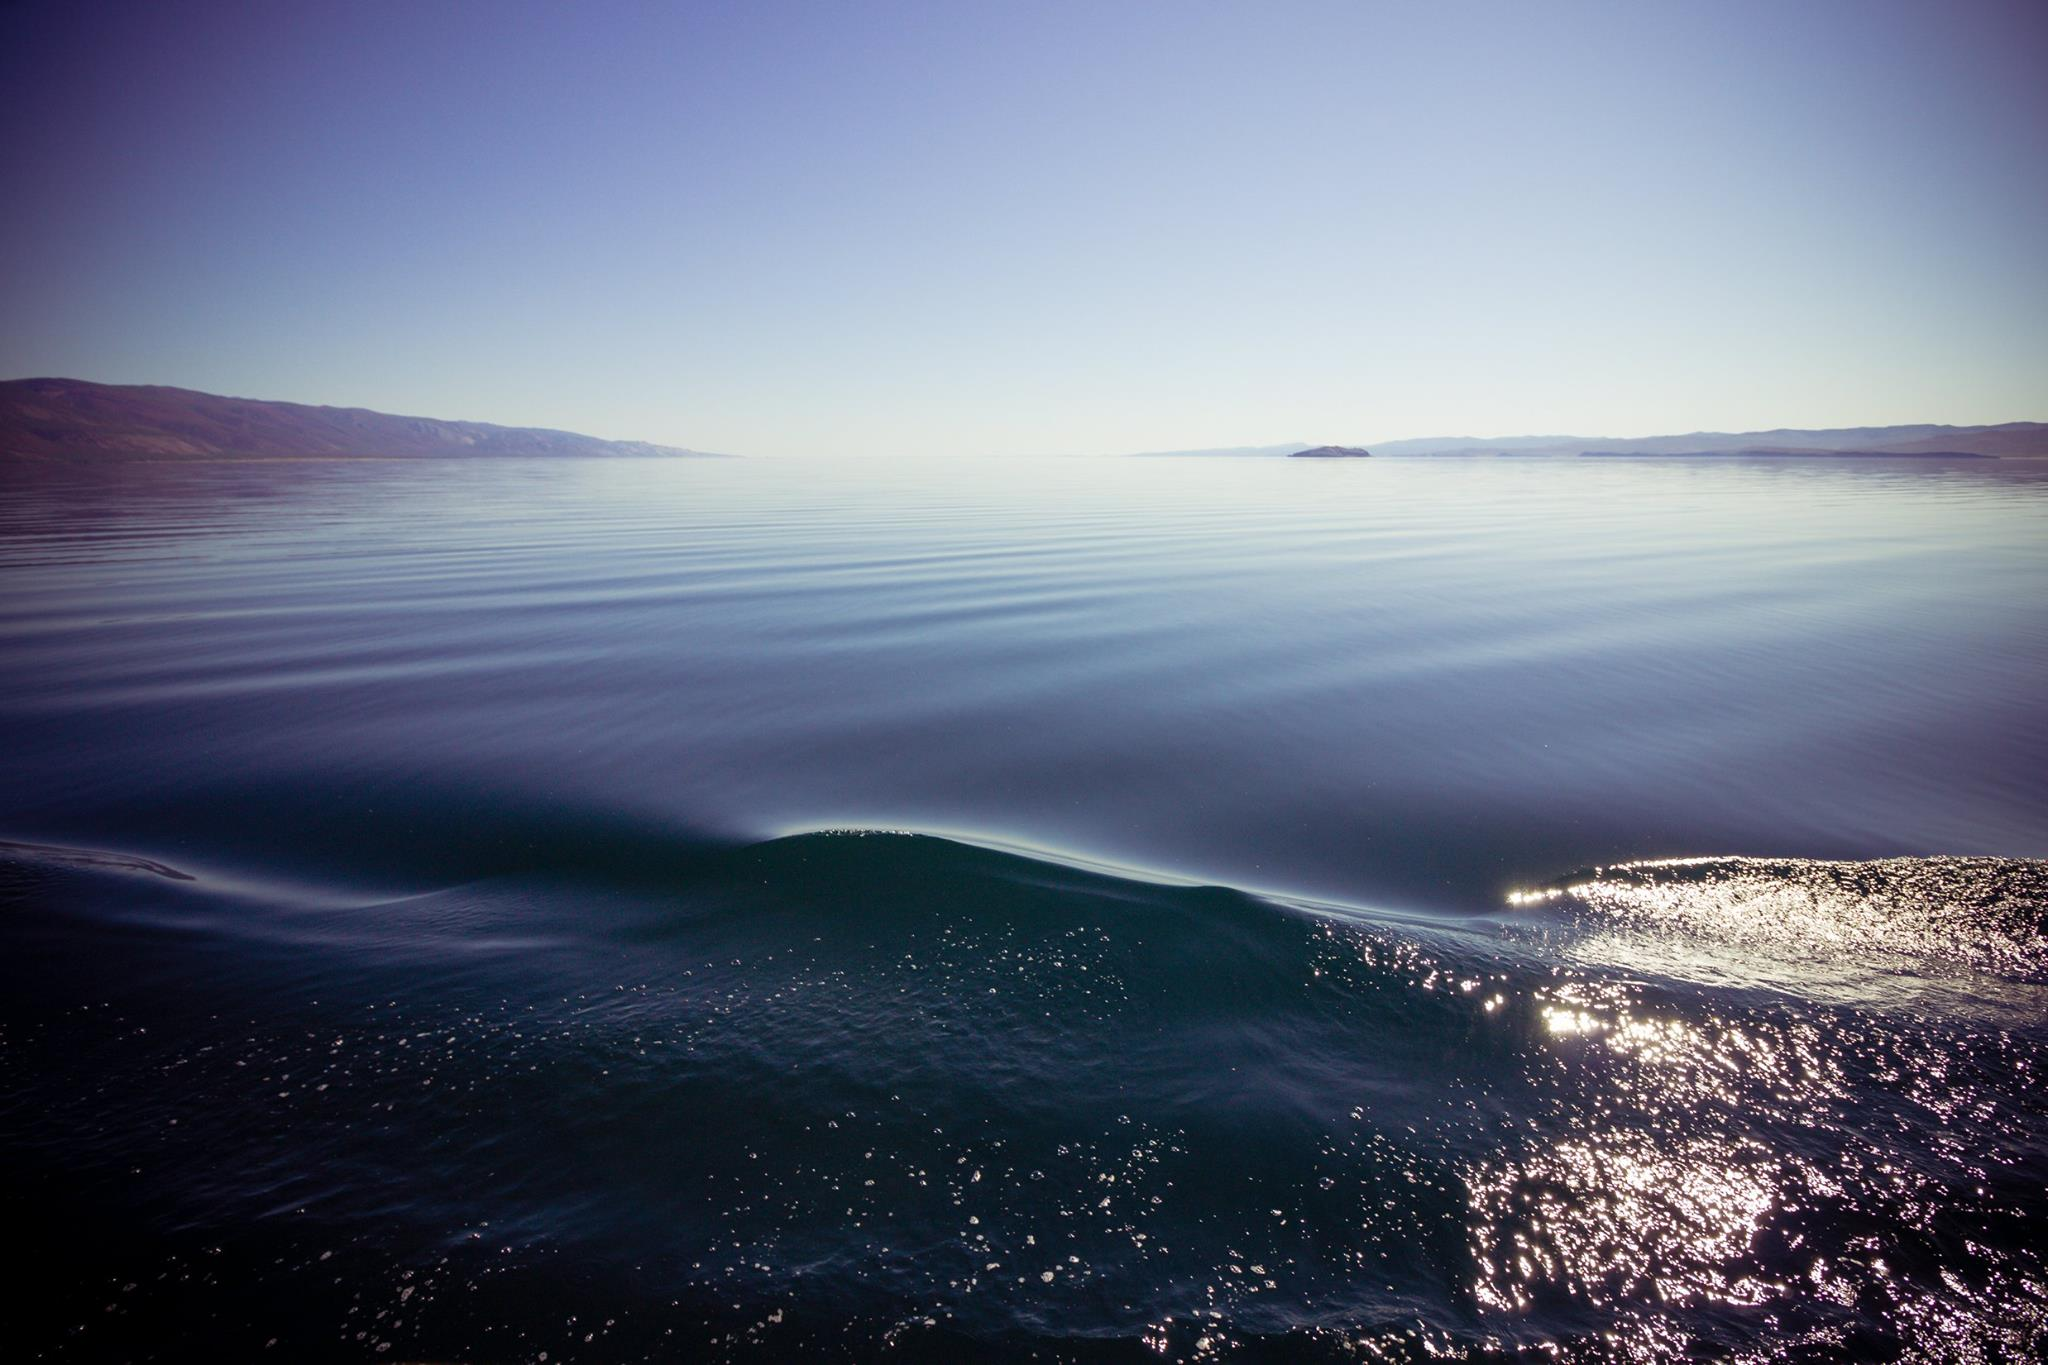 De acordo com o Livro Branco do Lago Baikal, publicado com o apoio do Programa das Nações Unidas para o Desenvolvimento, há cerca de 40 organizações sem fins lucrativos trabalhando ativamente para promover e defender este patrimônio natural que pertence não só à Rússia, mas a todo mundo.